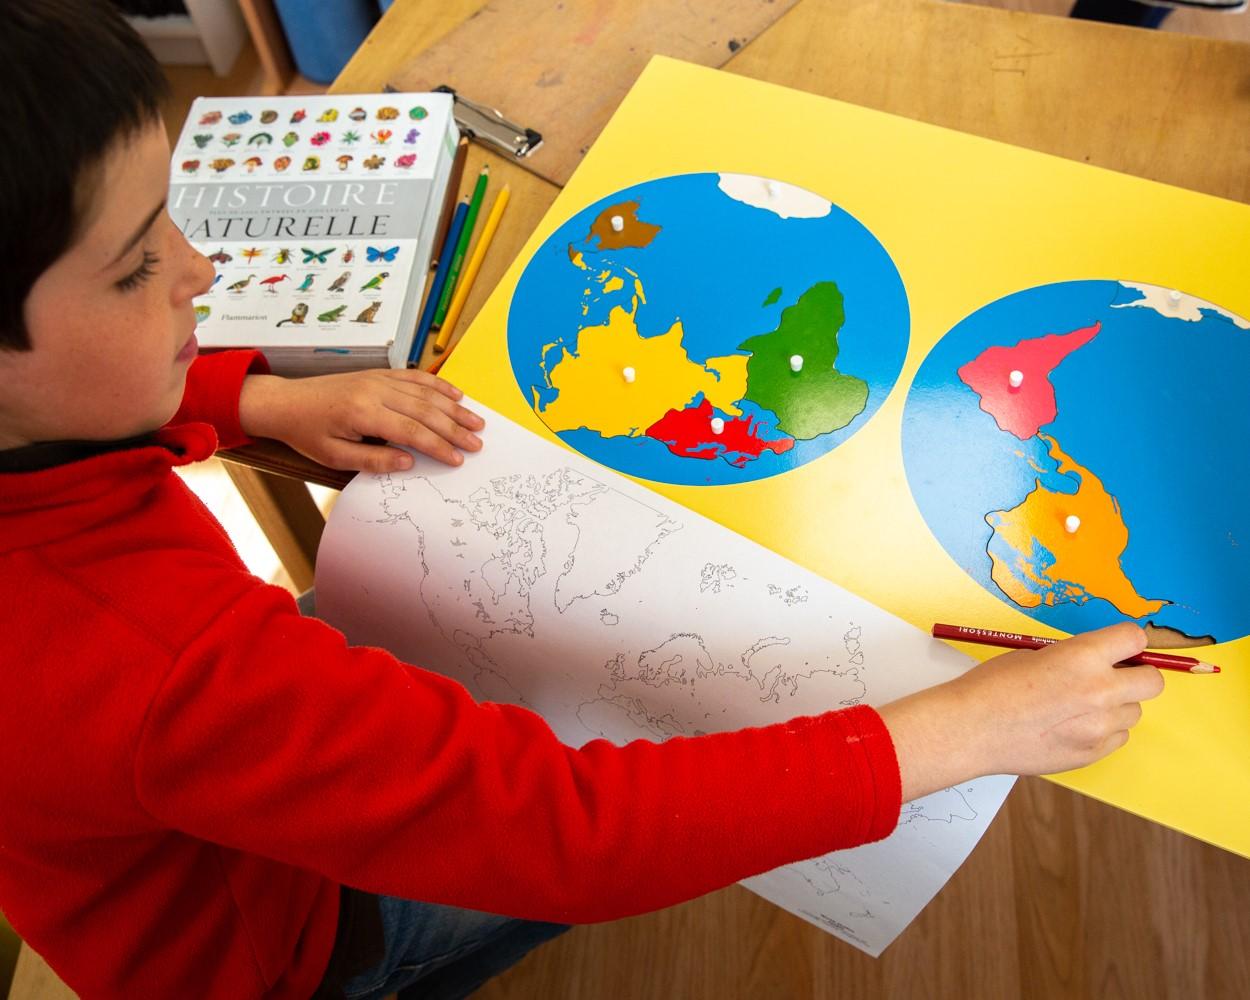 Enfant travaillant à l'aide d'une mappemonde